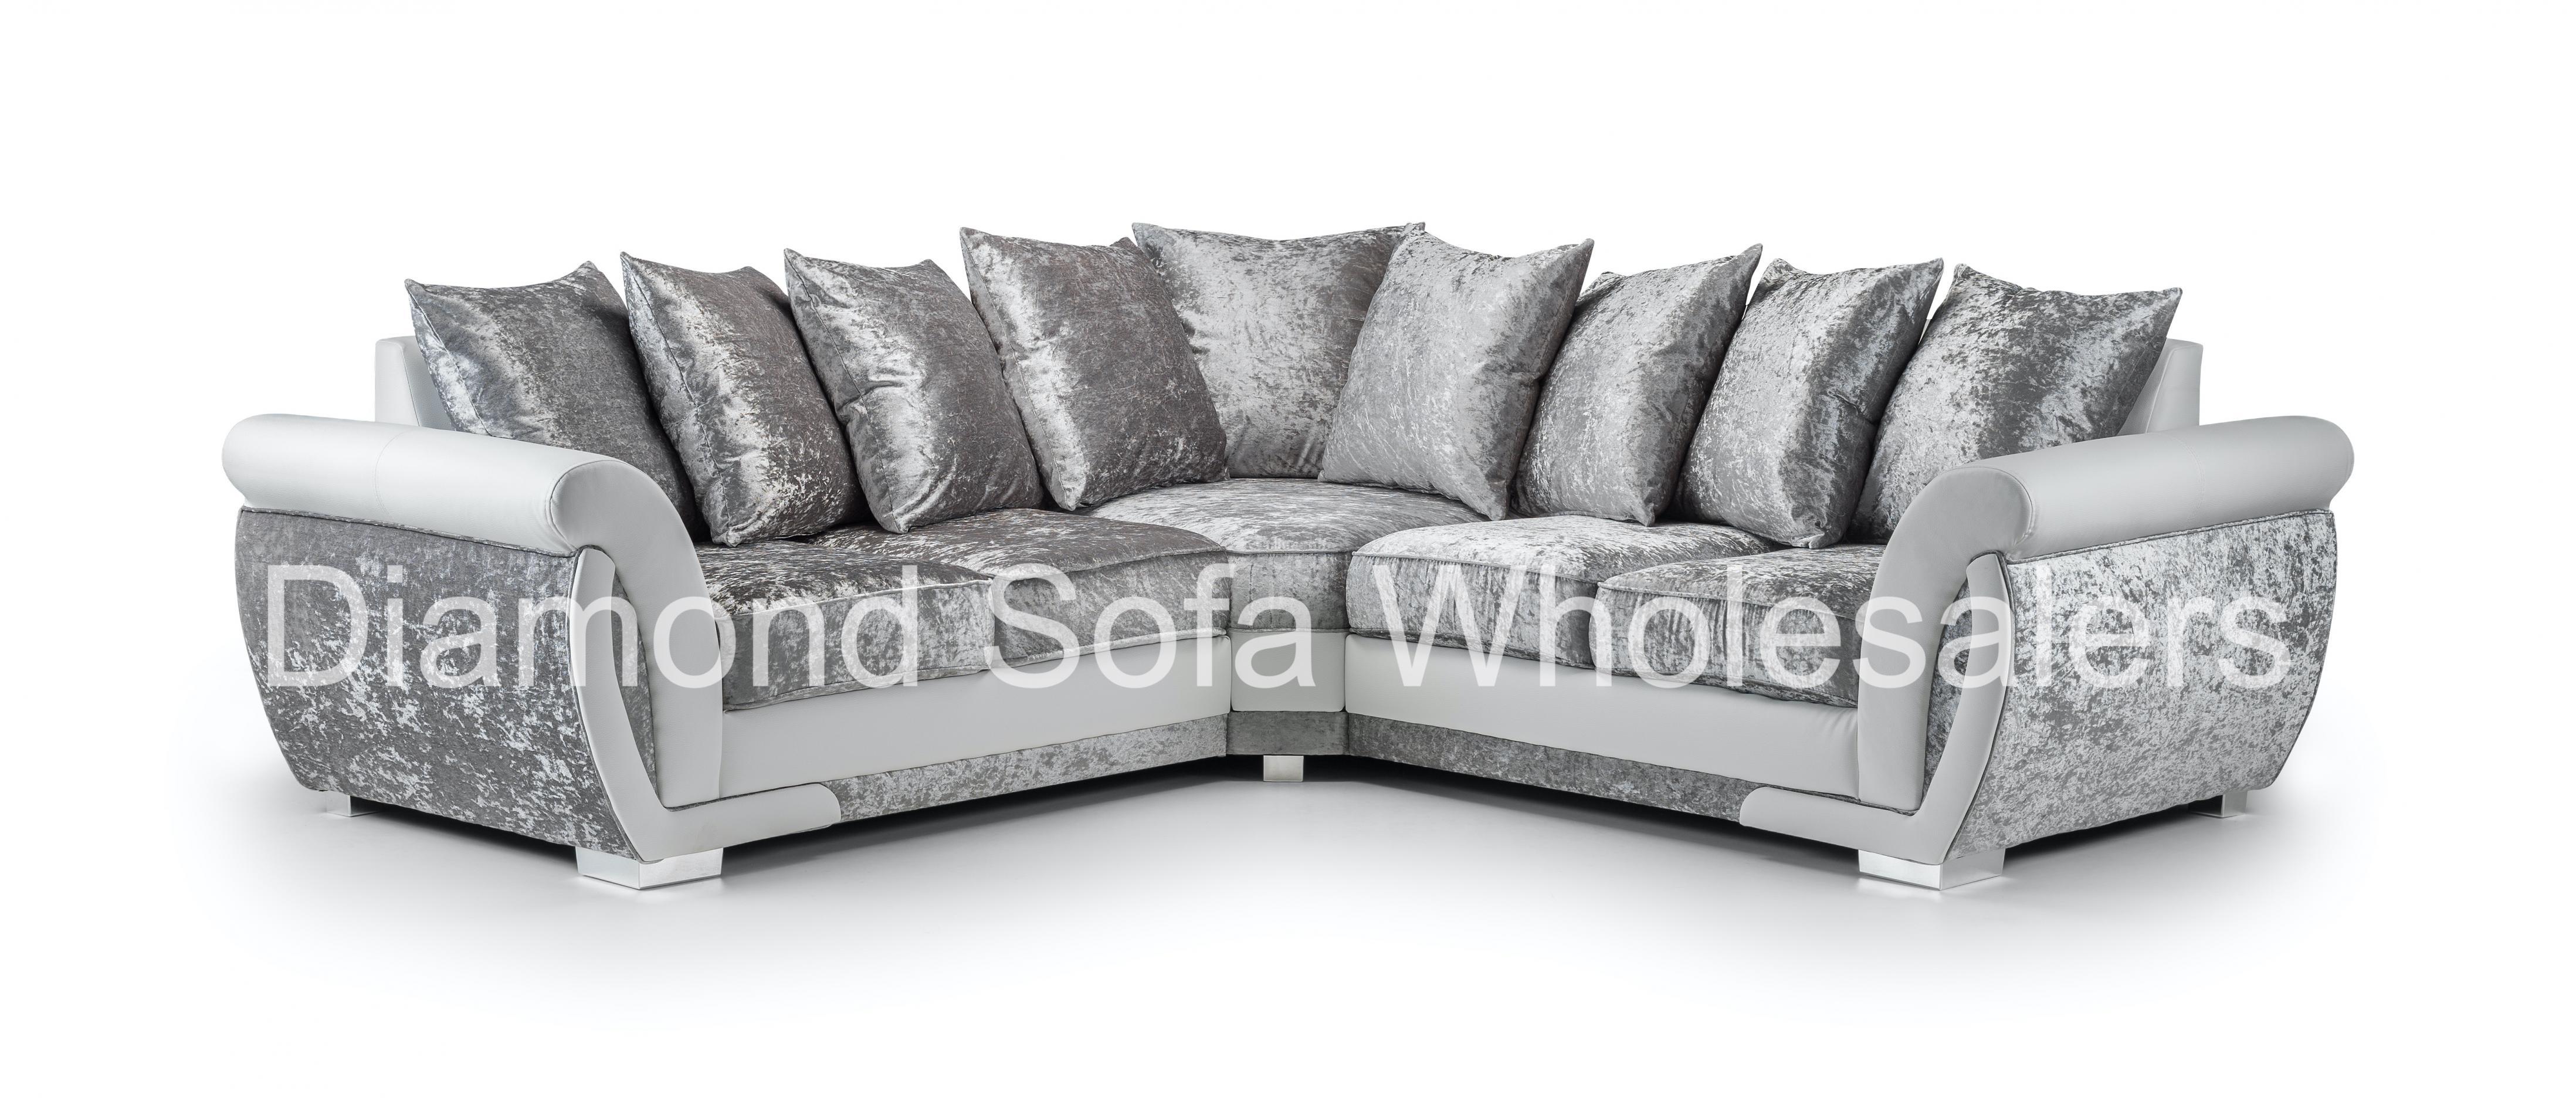 Sofa Shannon Corner 3 2 Seater Armchair Crushed Velvet White Silver Ebay